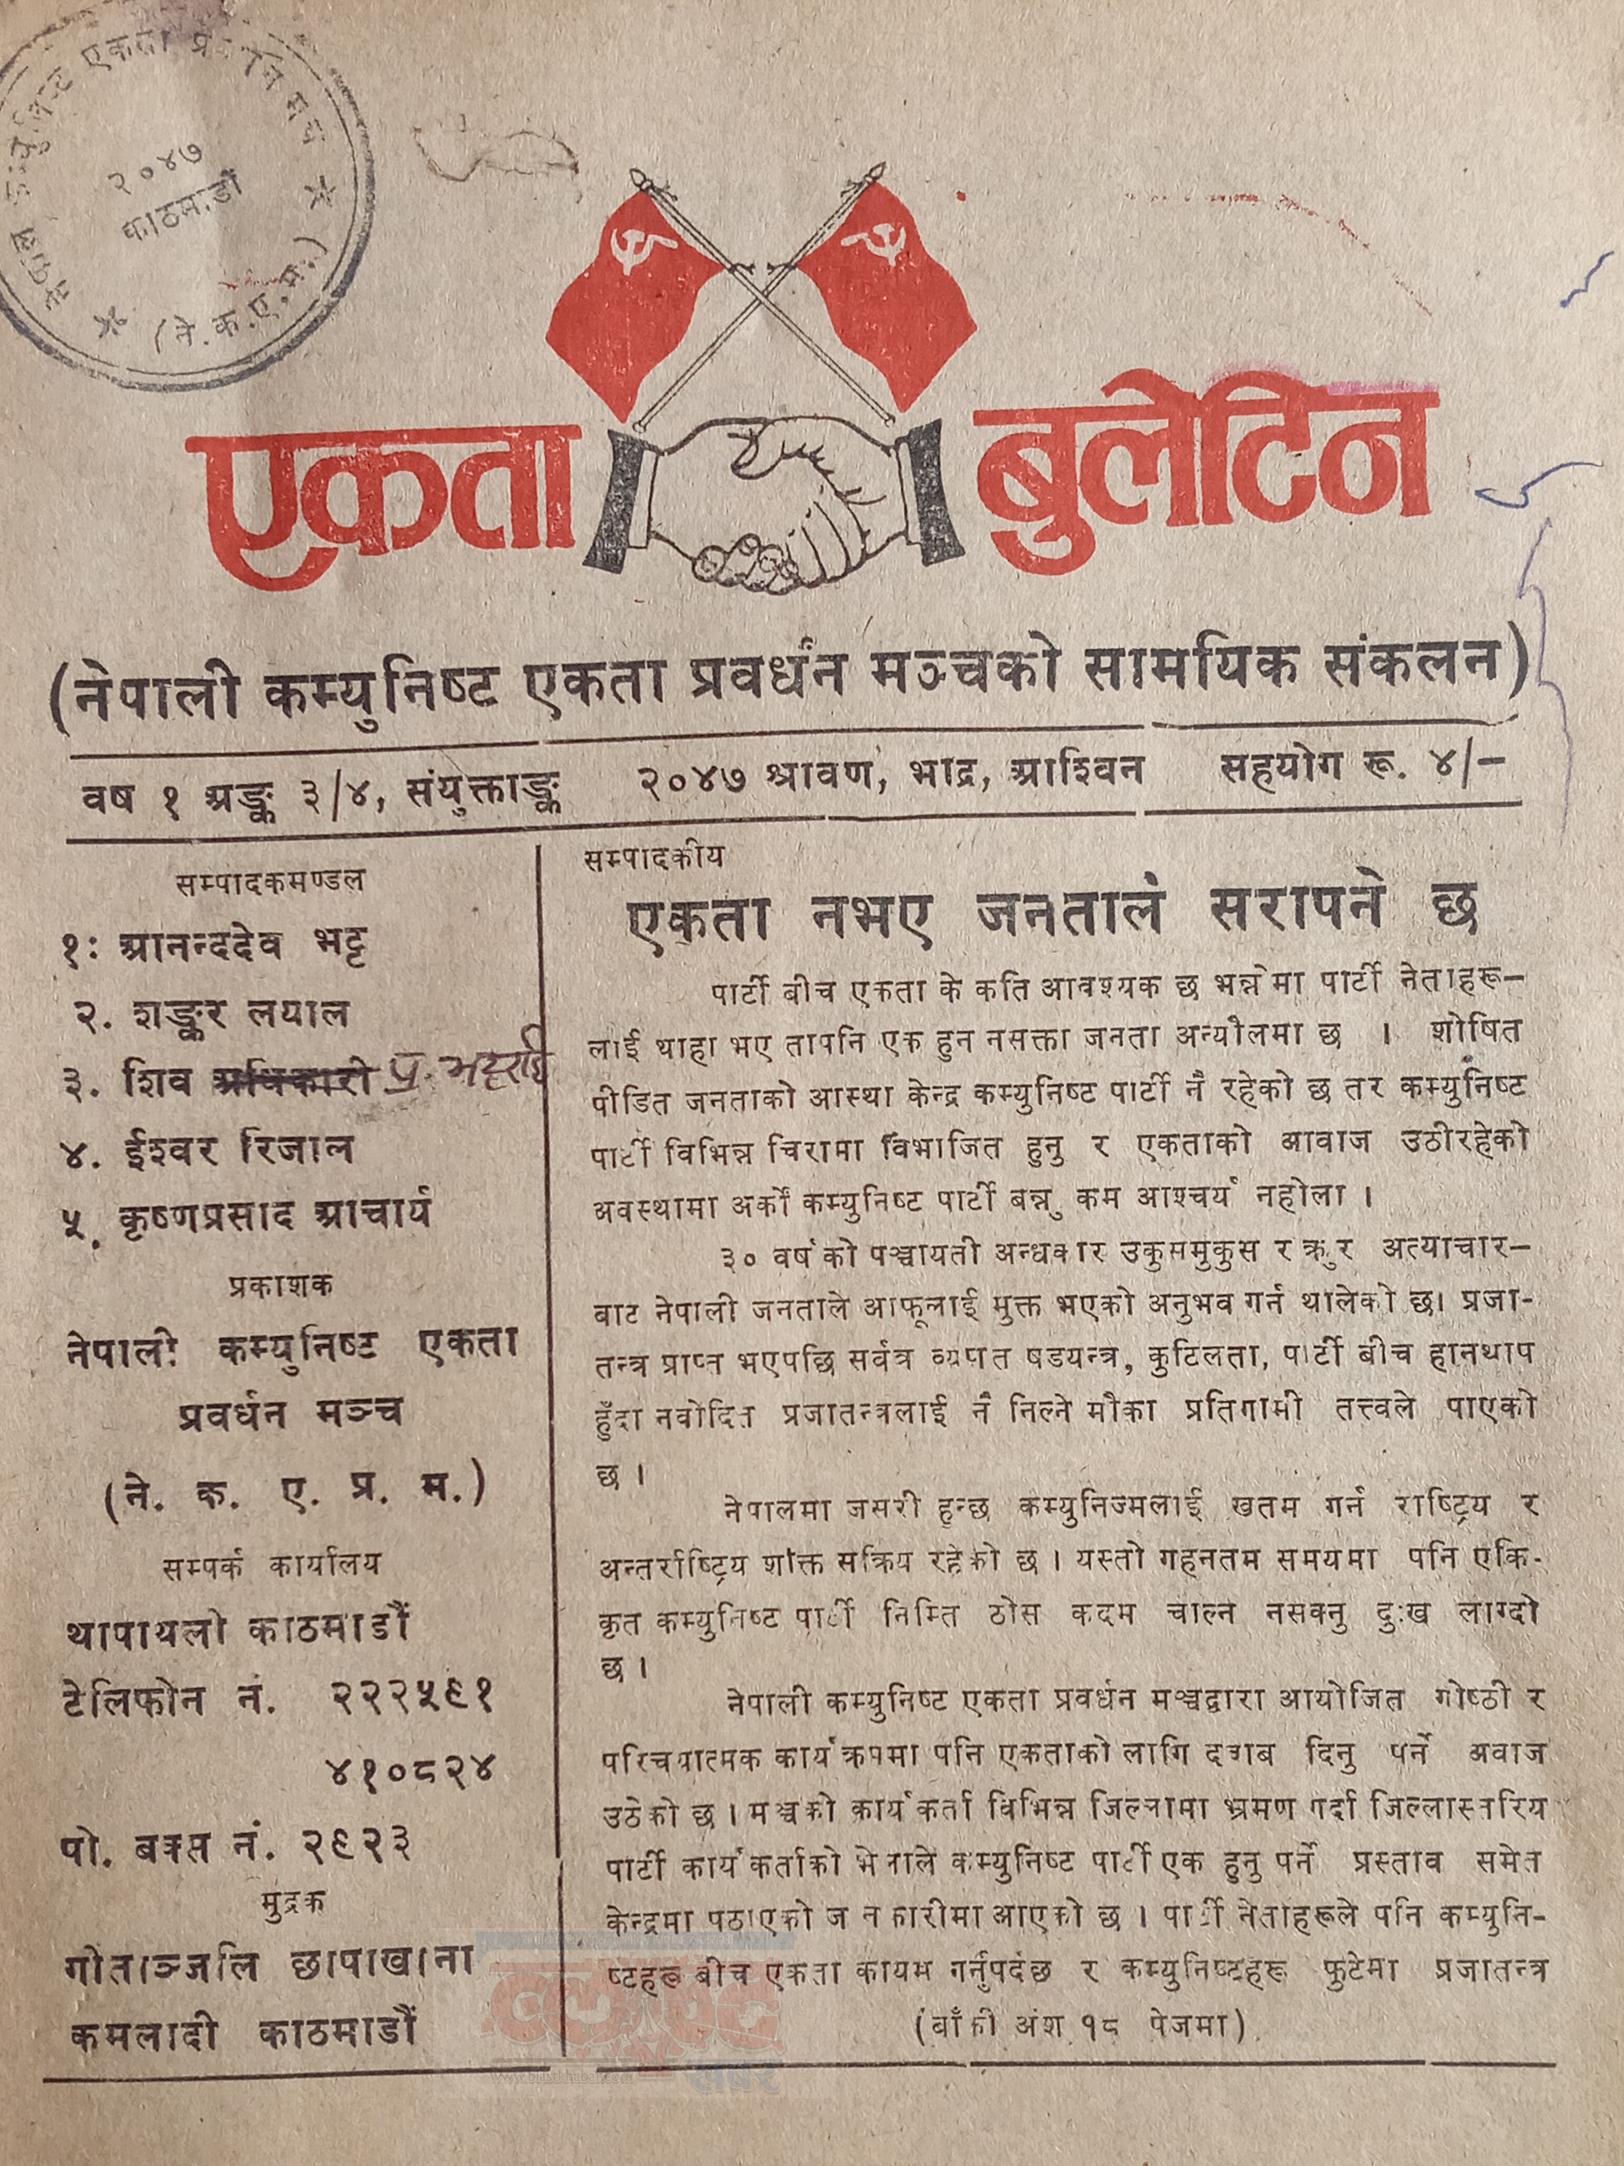 Raj_Kumar_Karki1_Ekata_buletine